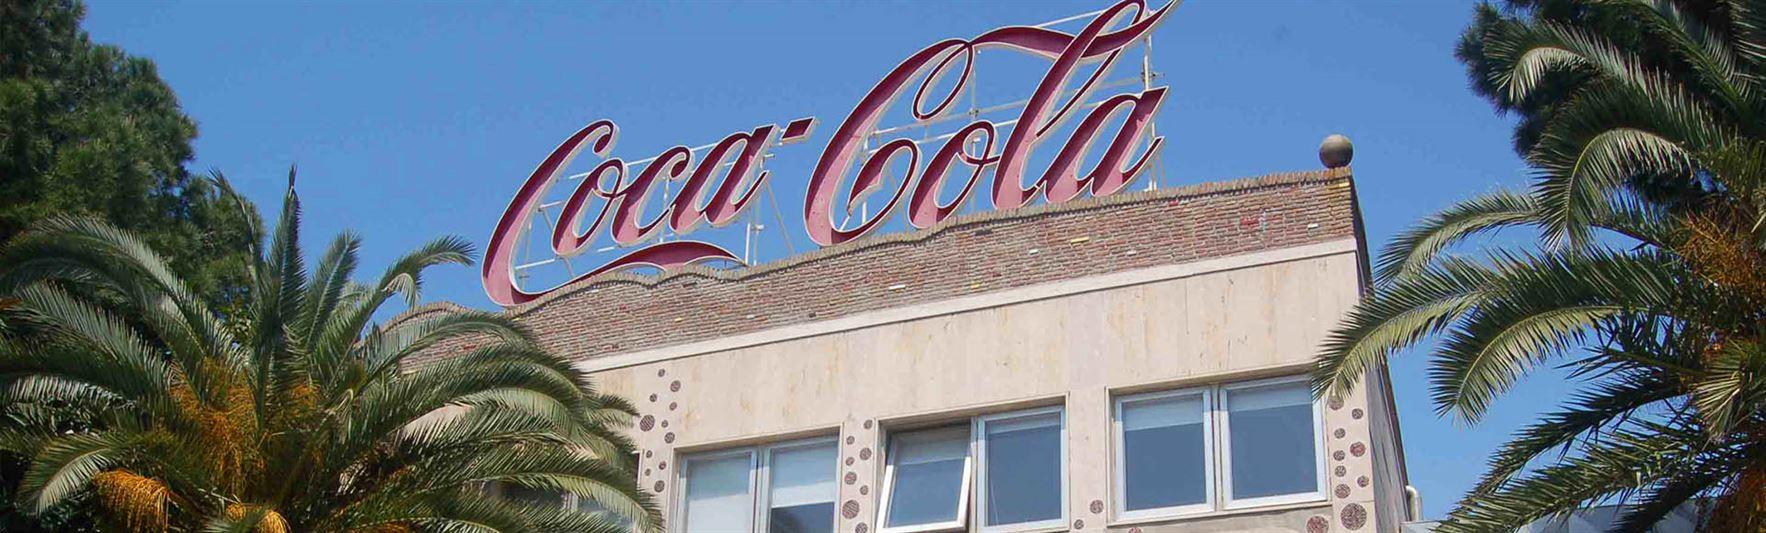 Stabilimento Sibeg Coca-Cola